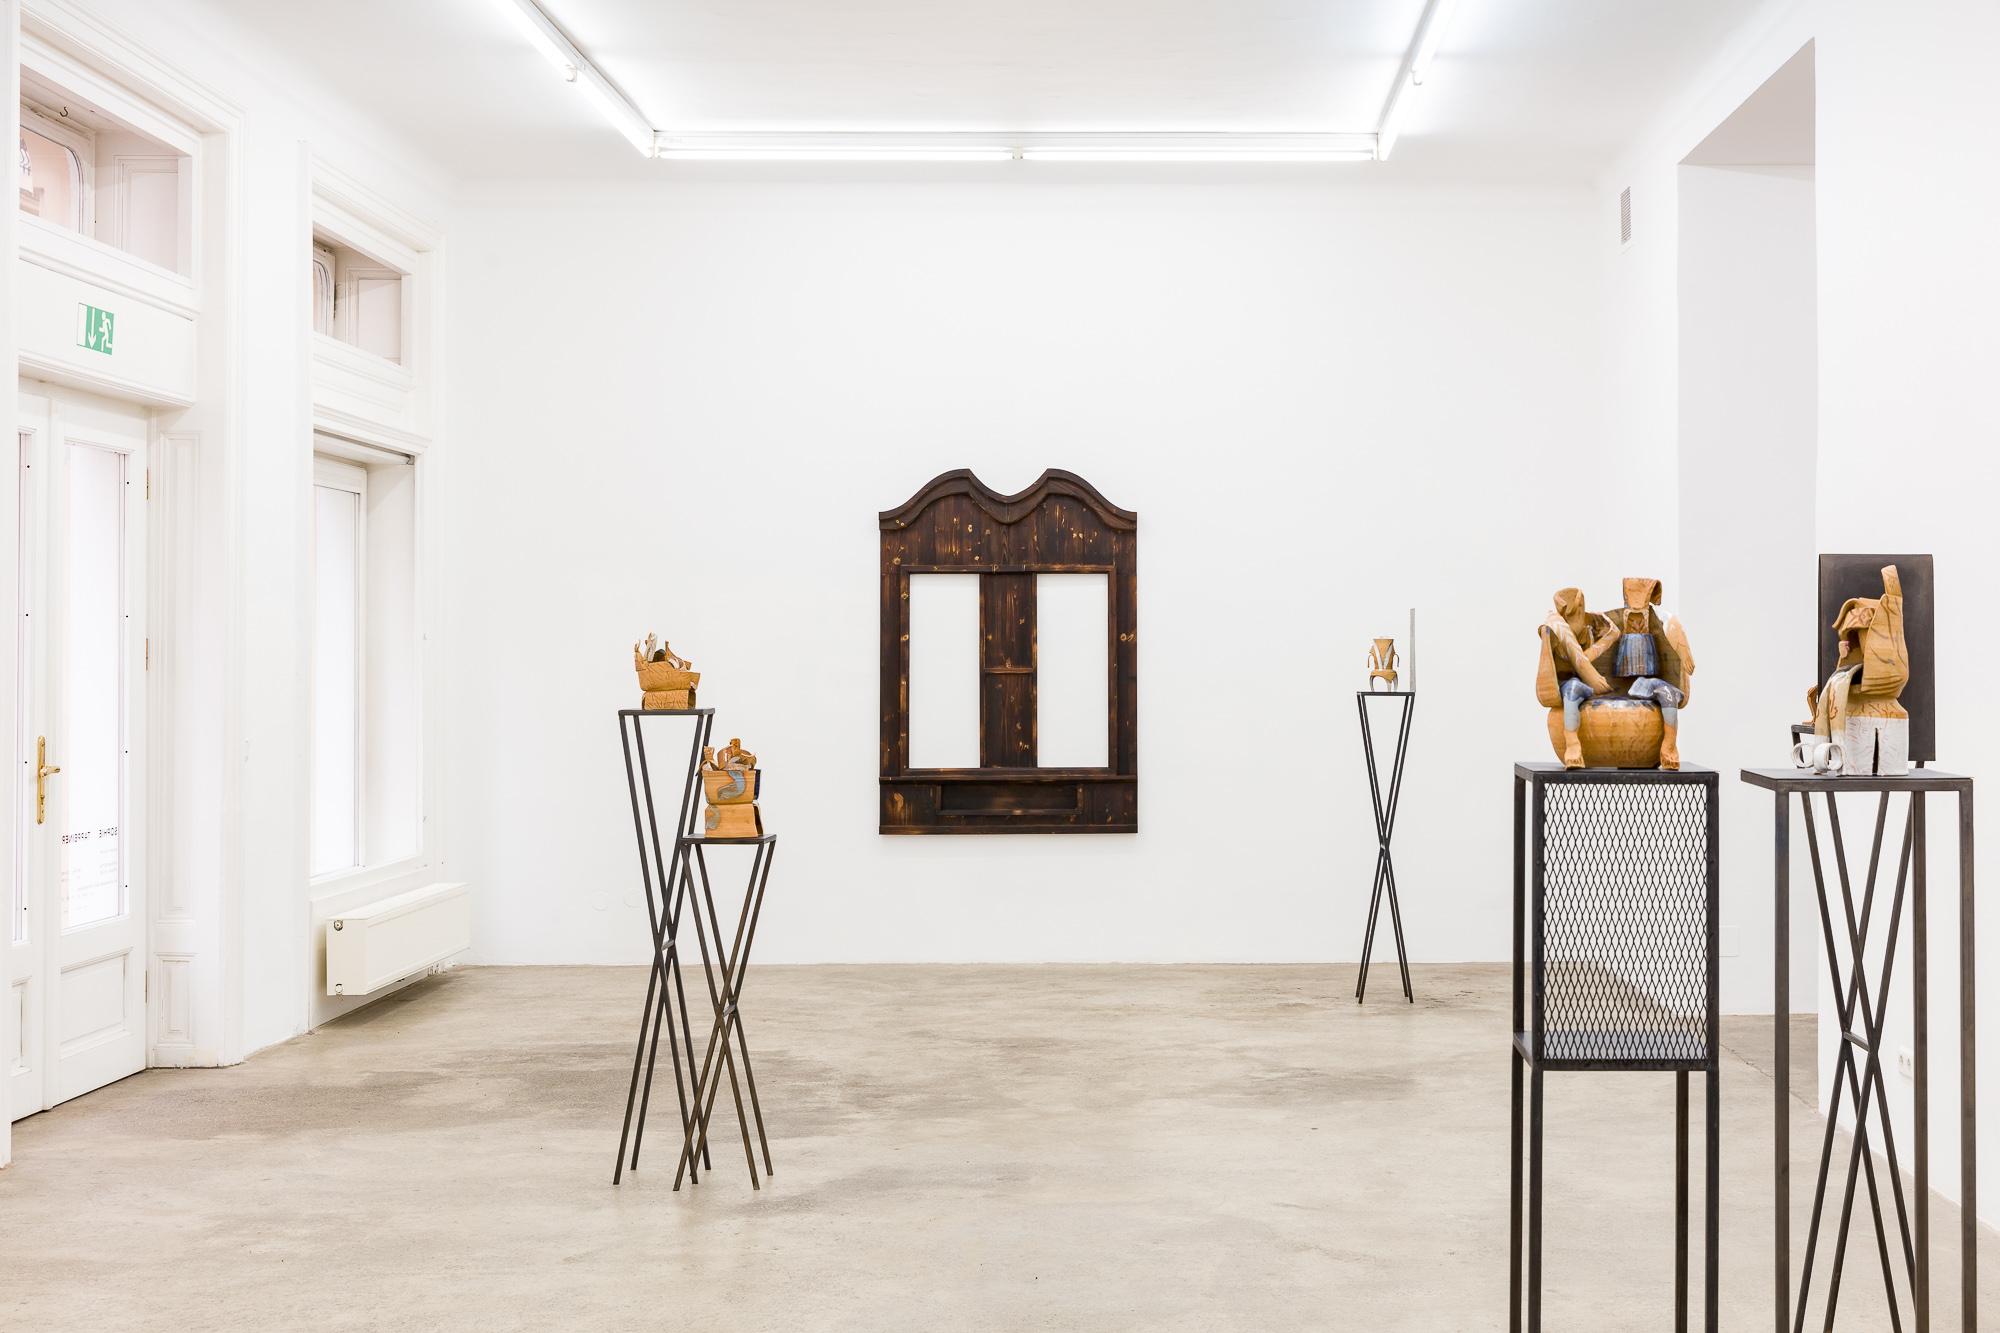 2019_01_24_Irina Lotarevich und Anna Schachinger_Sophie Tappeiner_by_kunstdokumentationcom_006_web.jpg